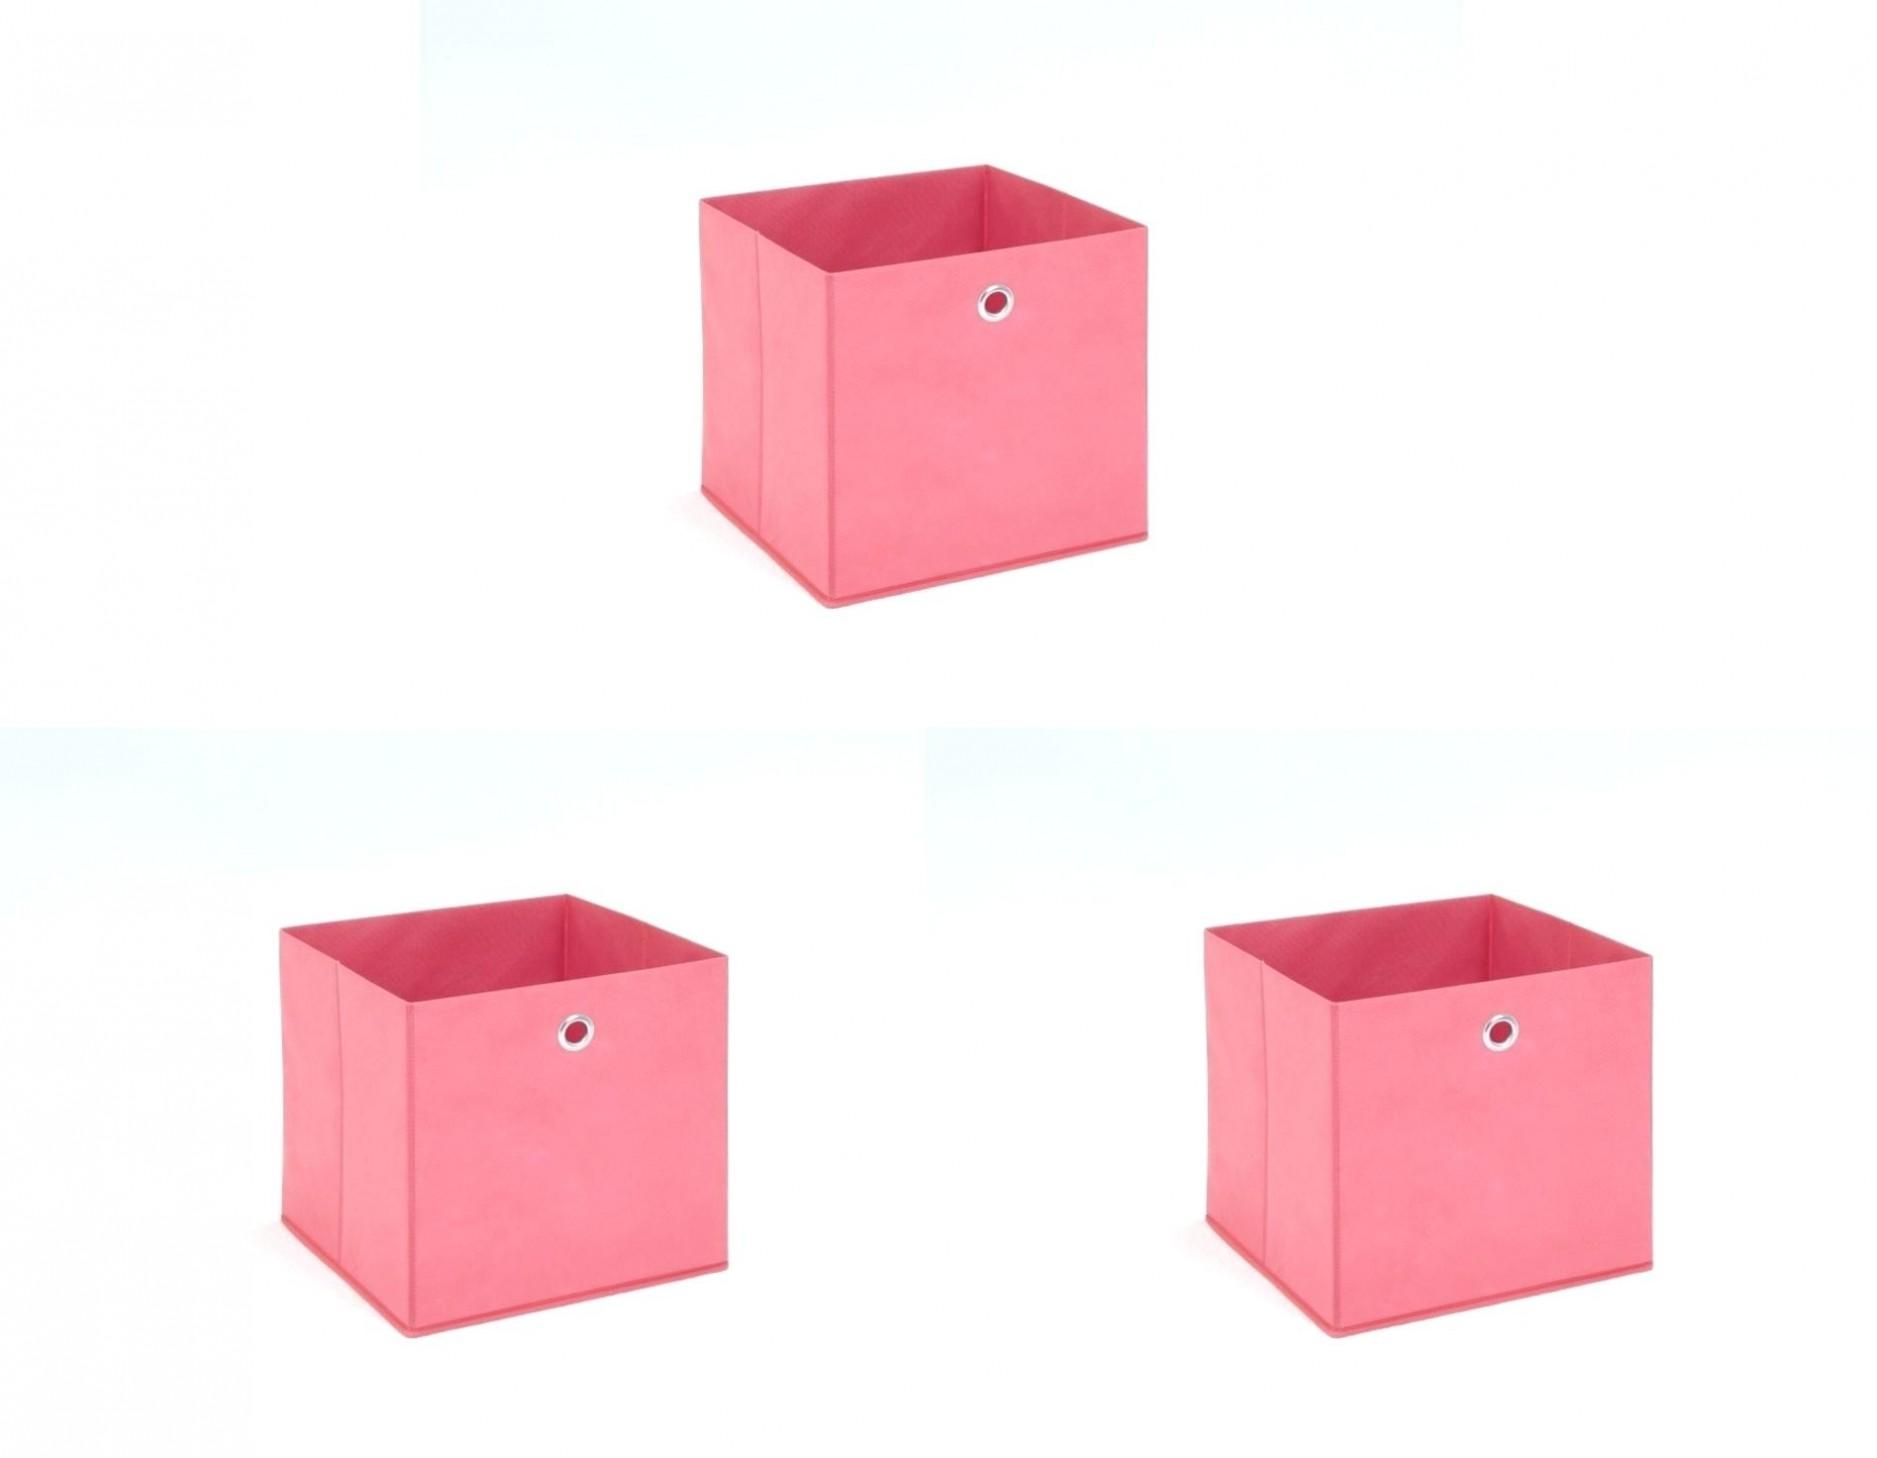 Full Size of Aufbewahrungsbox Kinderzimmer Ebay Aufbewahrungsboxen Amazon Plastik Holz Stapelbar Ikea Mit Deckel Mint Design Aufbewahrungsbomit Stoff Vianova Project Sofa Kinderzimmer Aufbewahrungsboxen Kinderzimmer